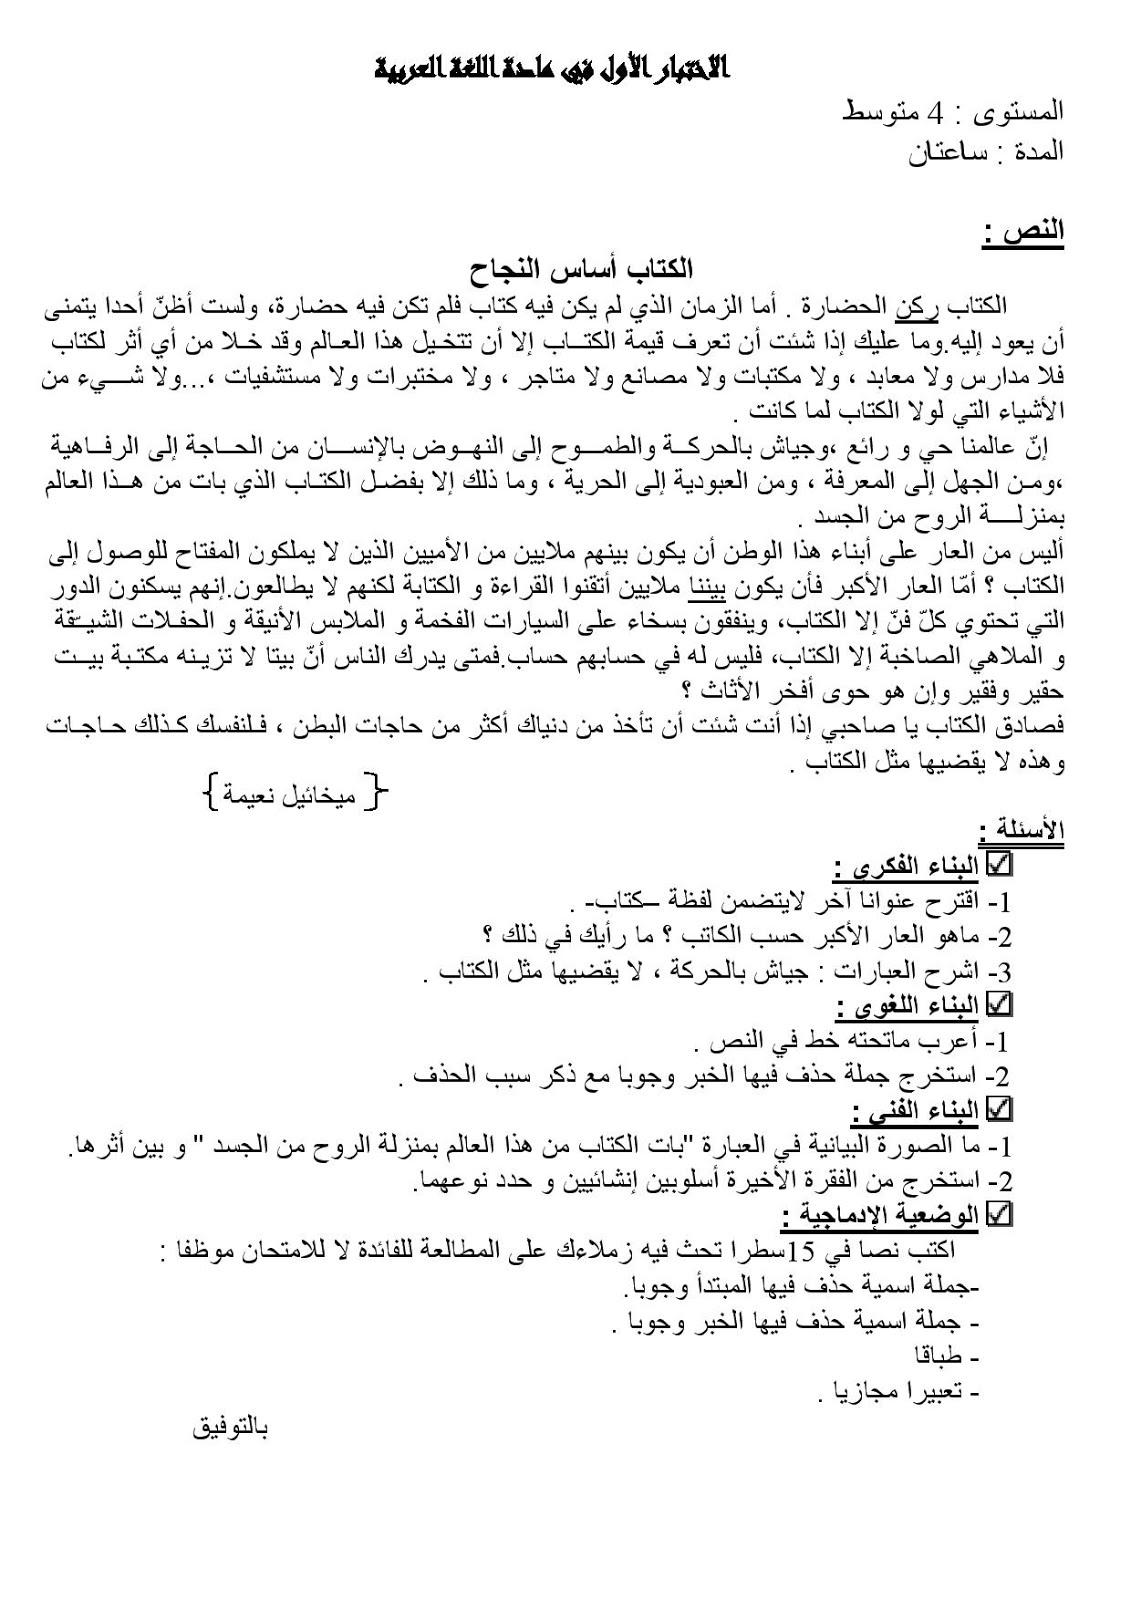 اختبار اللغة العربية للسنة الرابعة